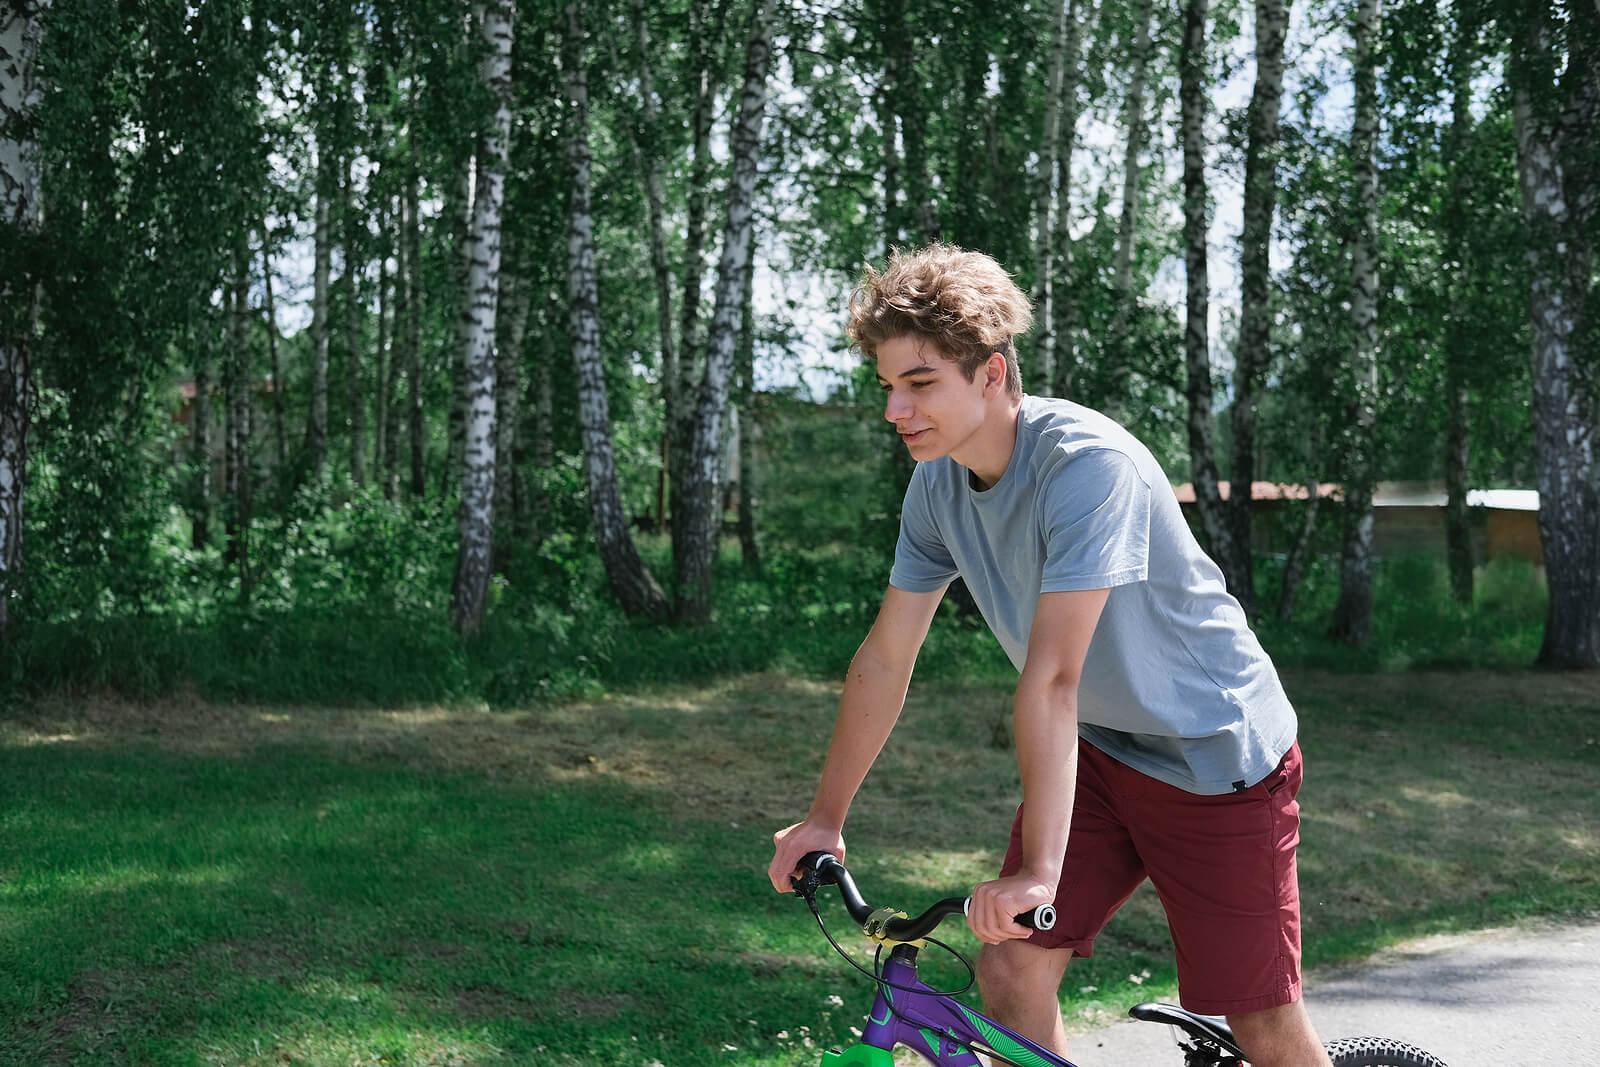 Adolescente montando en bicicleta en su tiempo libre.